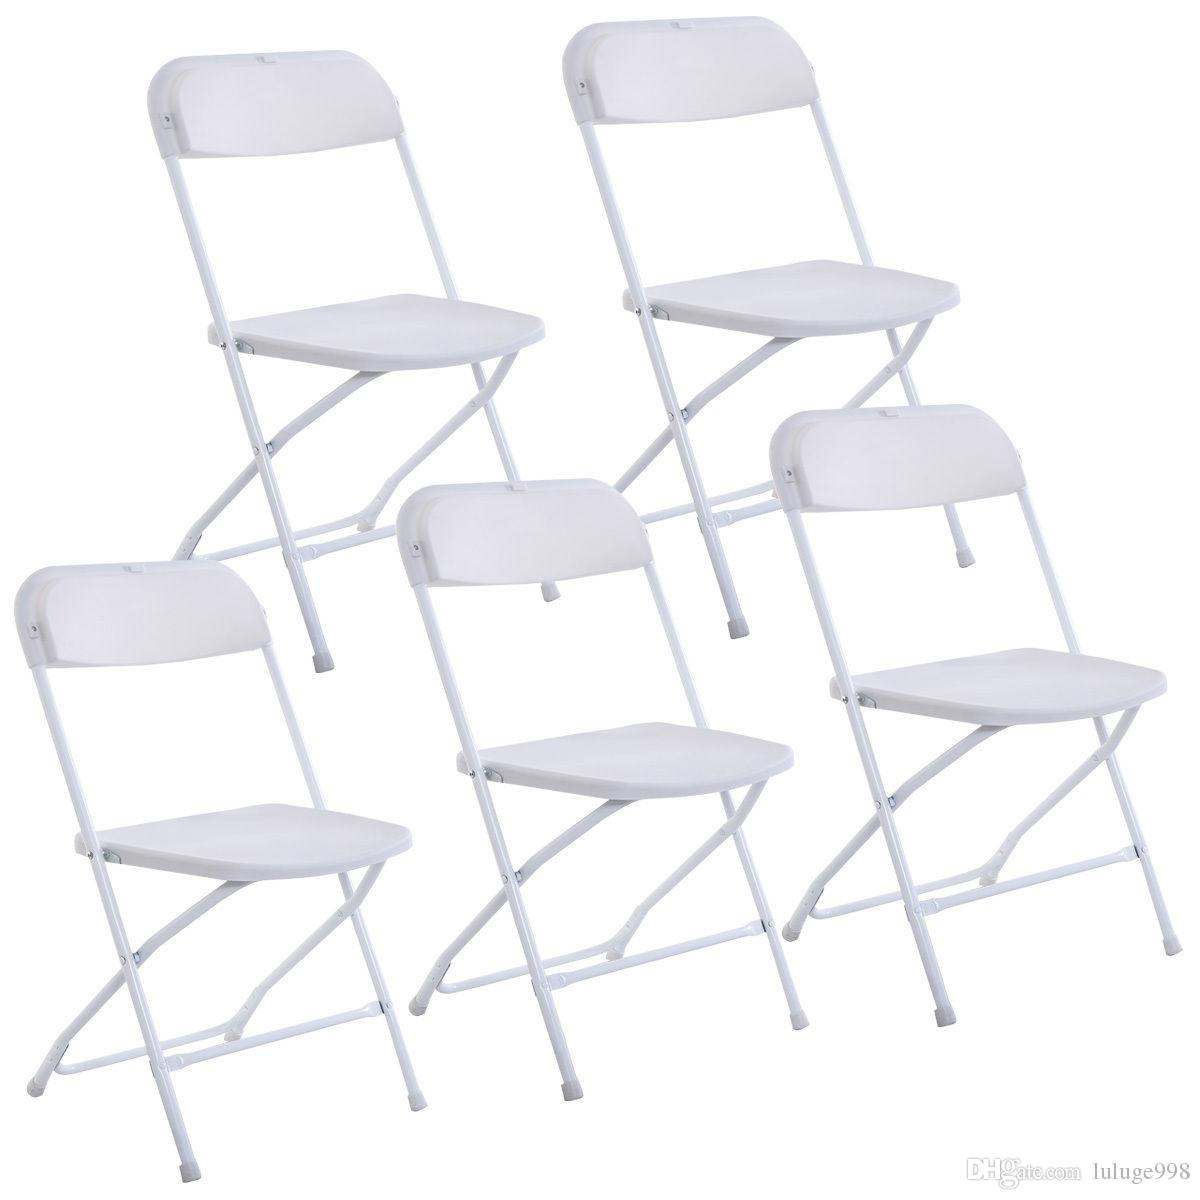 Sedie Di Plastica Pieghevoli.Acquista Nuovo Set Di 5 Sedie Pieghevoli Di Plastica Sedie Da